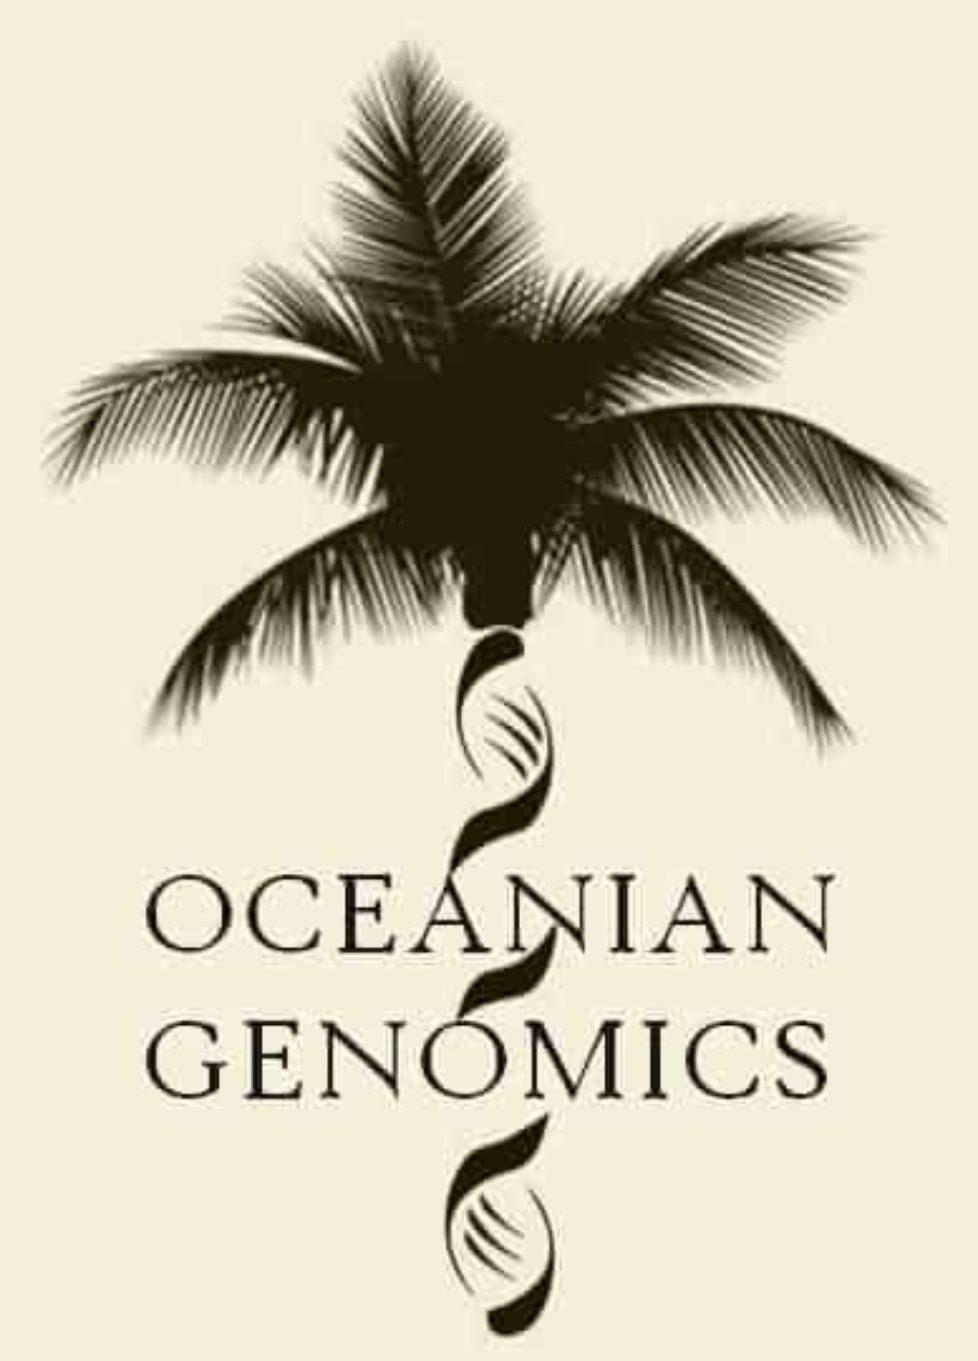 OCEANIAN GENOMICS